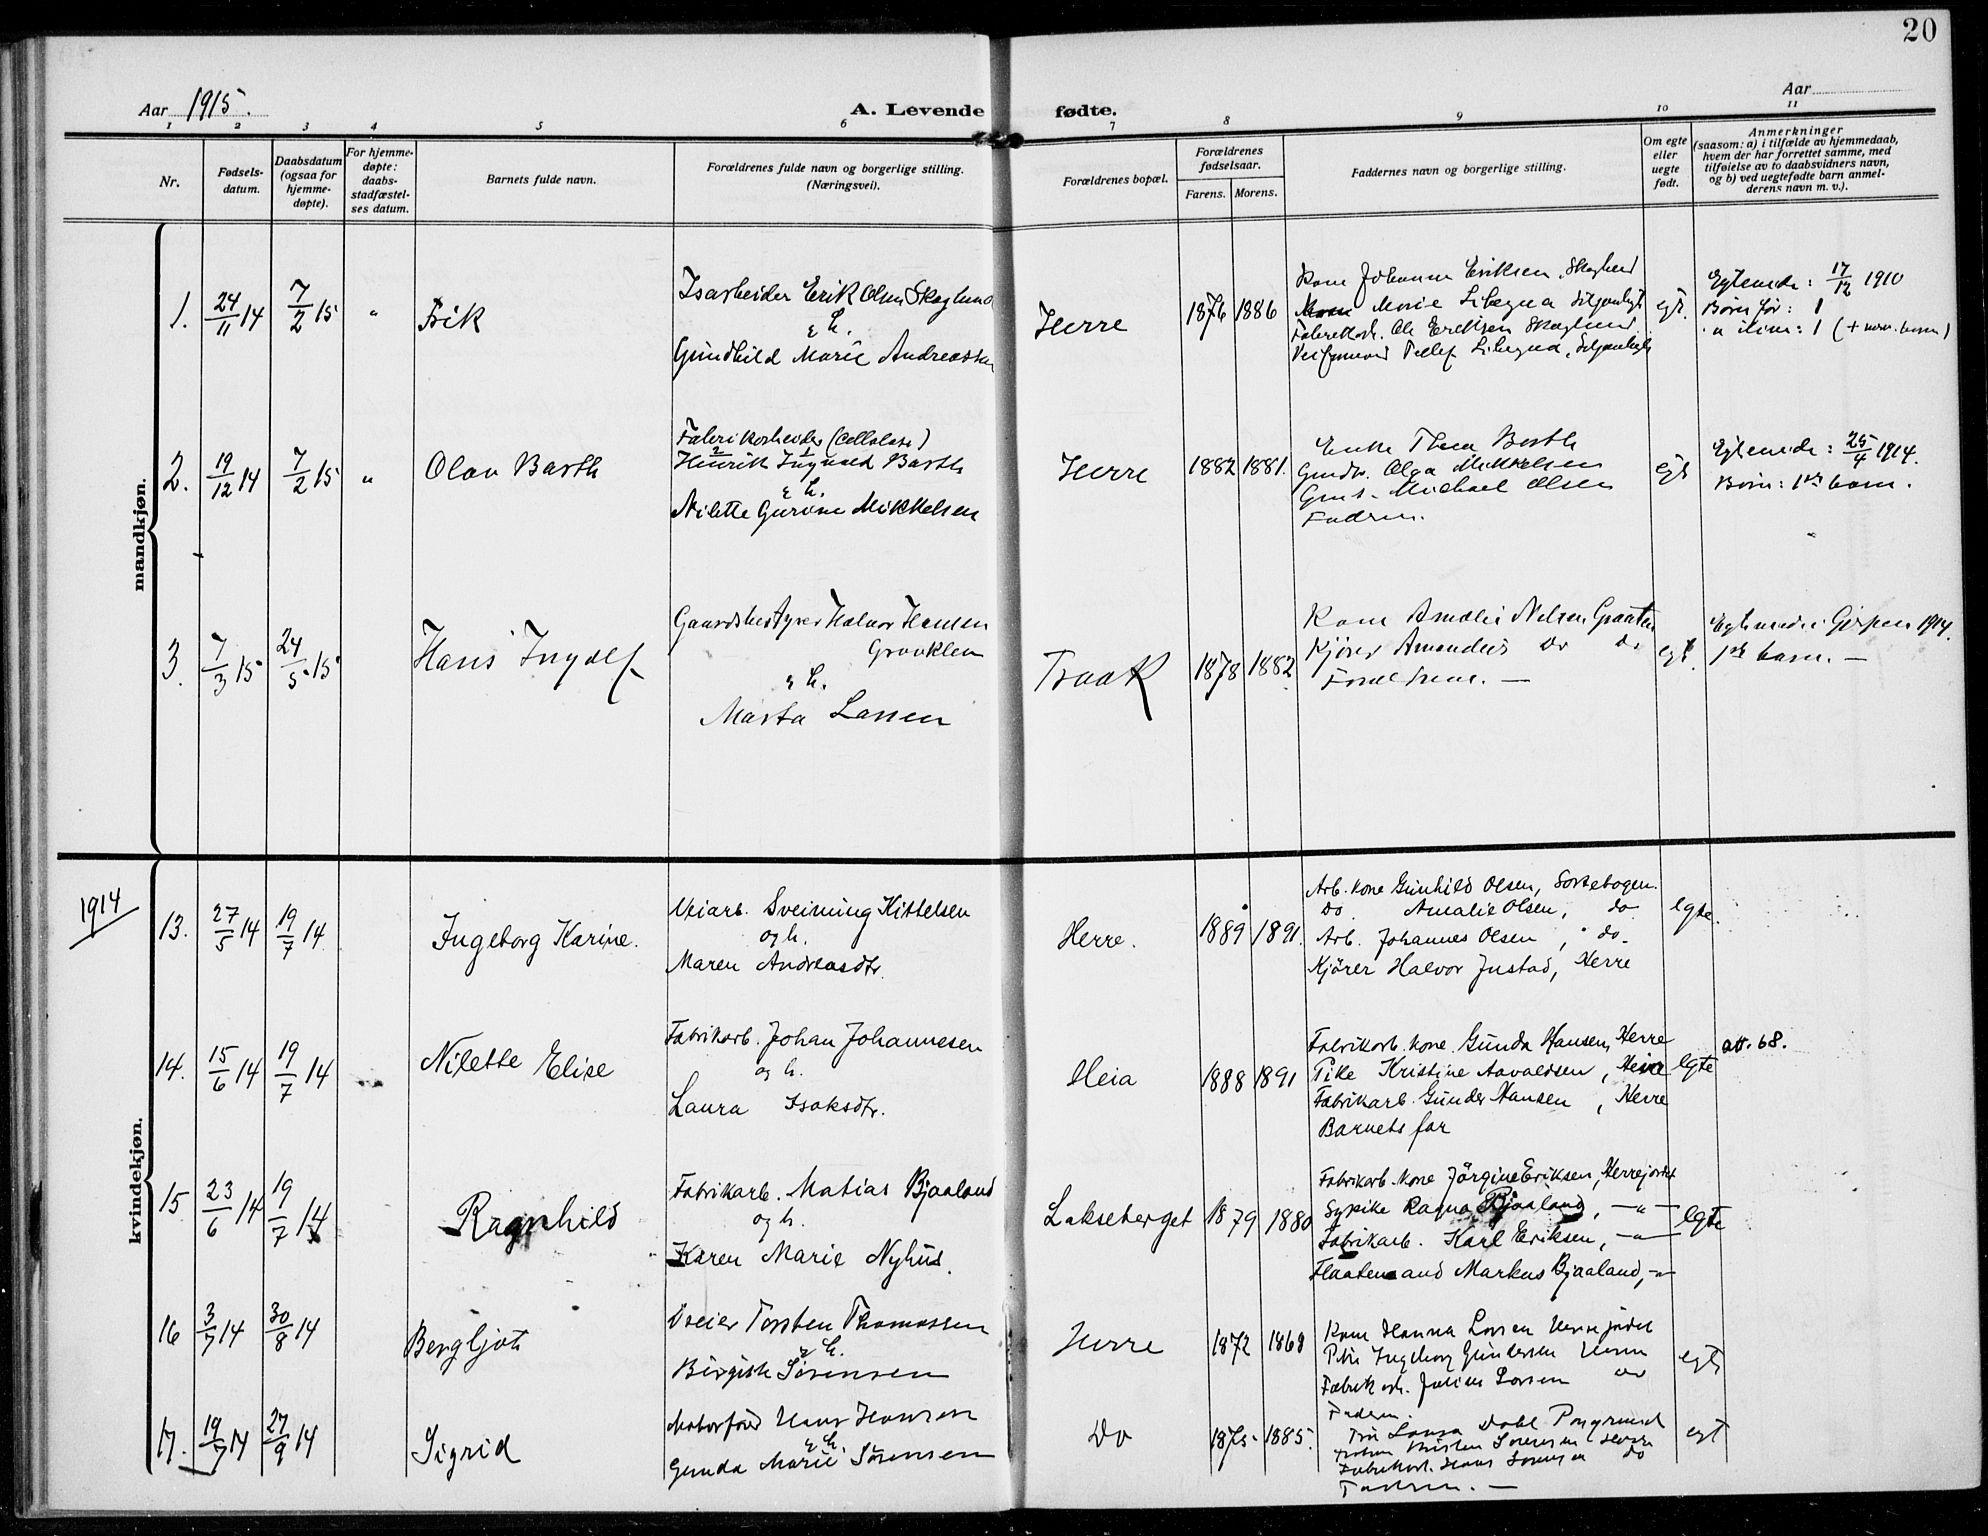 SAKO, Bamble kirkebøker, F/Fc/L0001: Ministerialbok nr. III 1, 1909-1916, s. 20